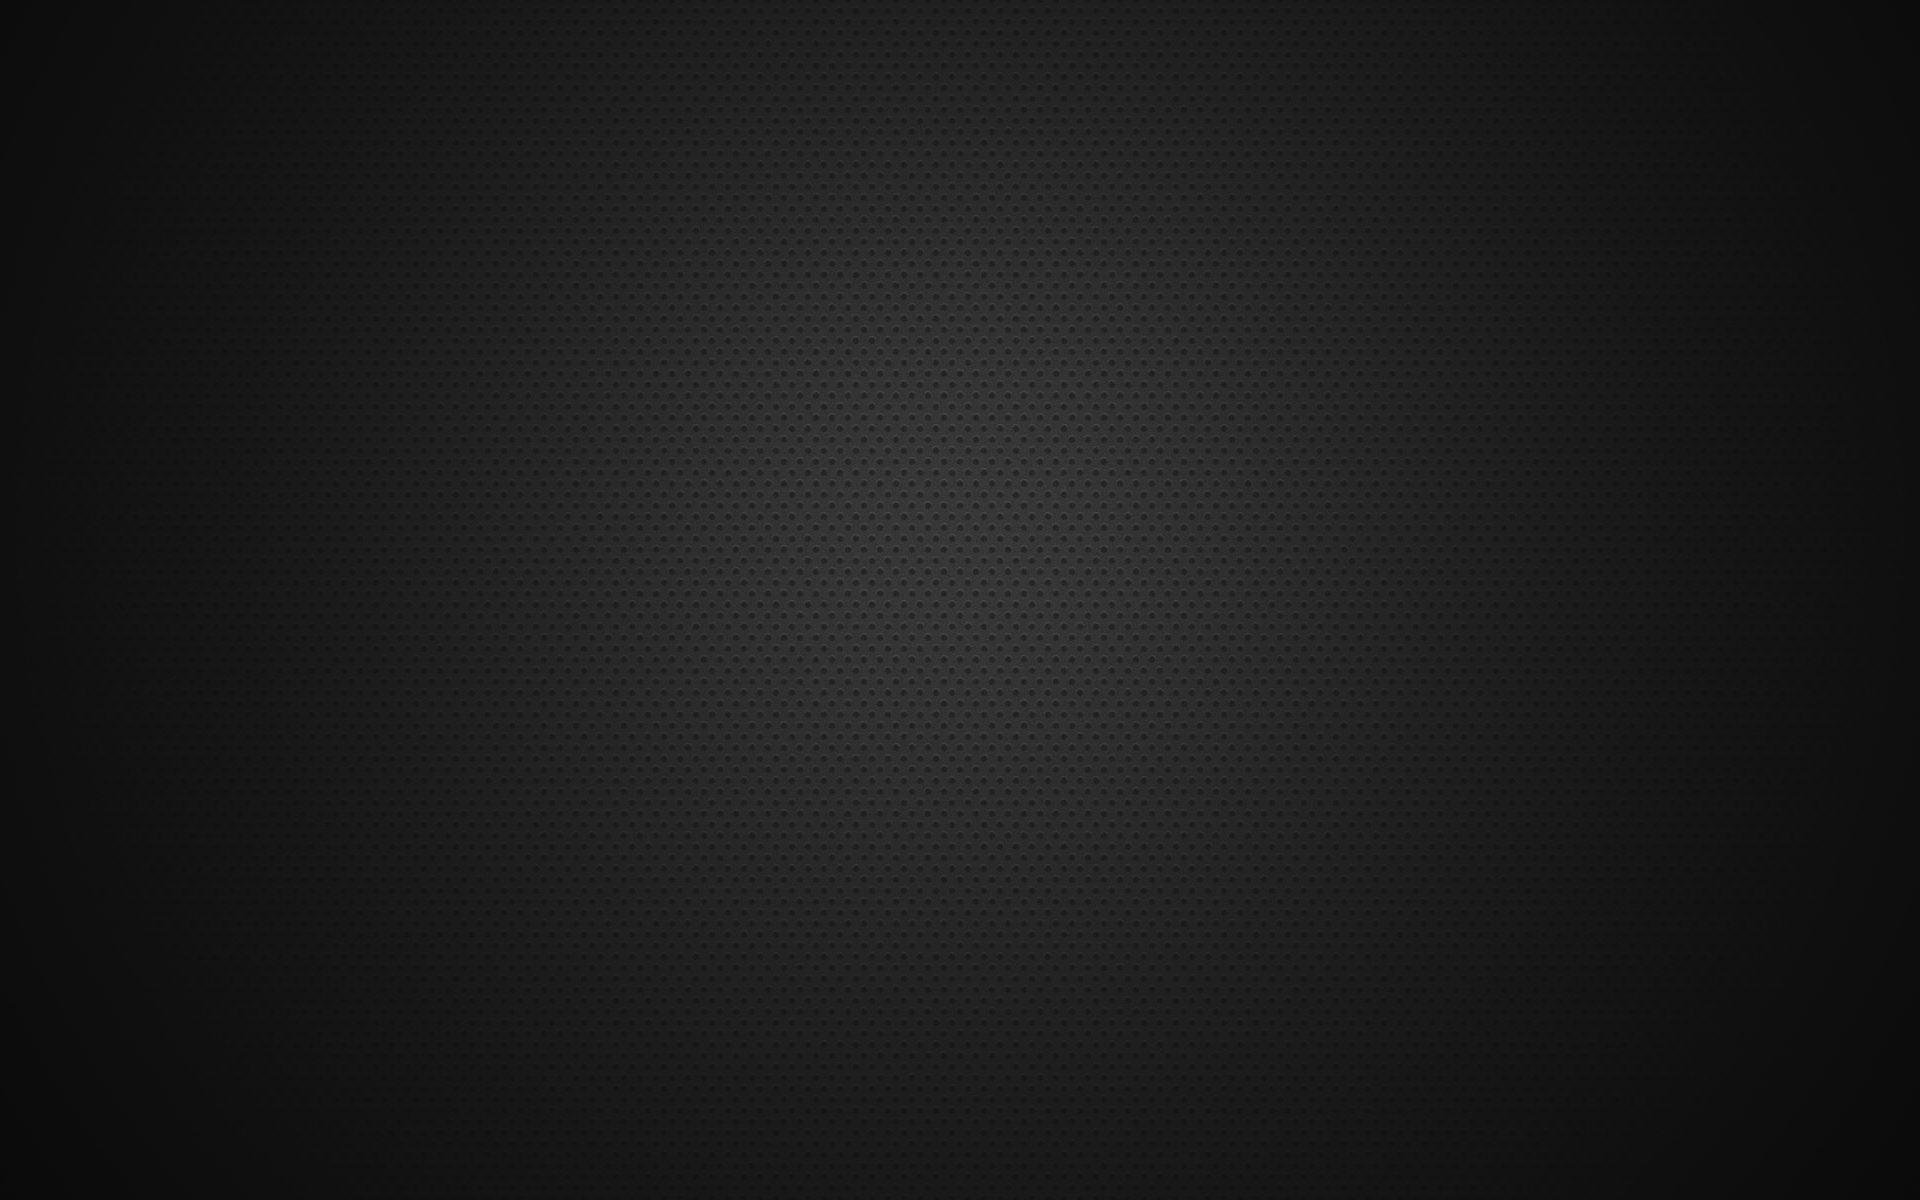 Как сделать вшопе черный фон глянцевым